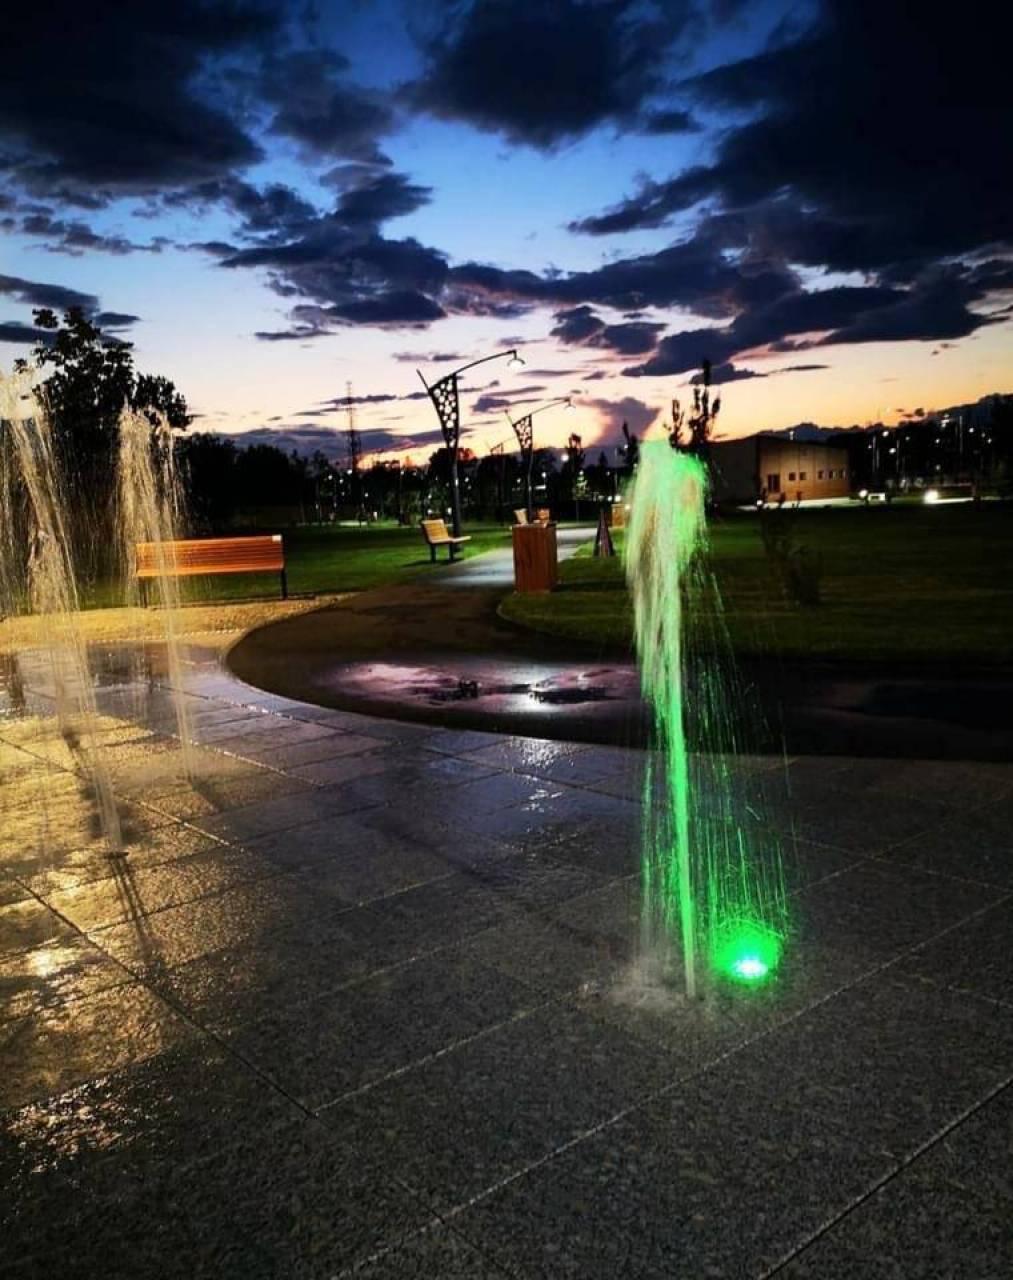 imagini din parc 21-06-18